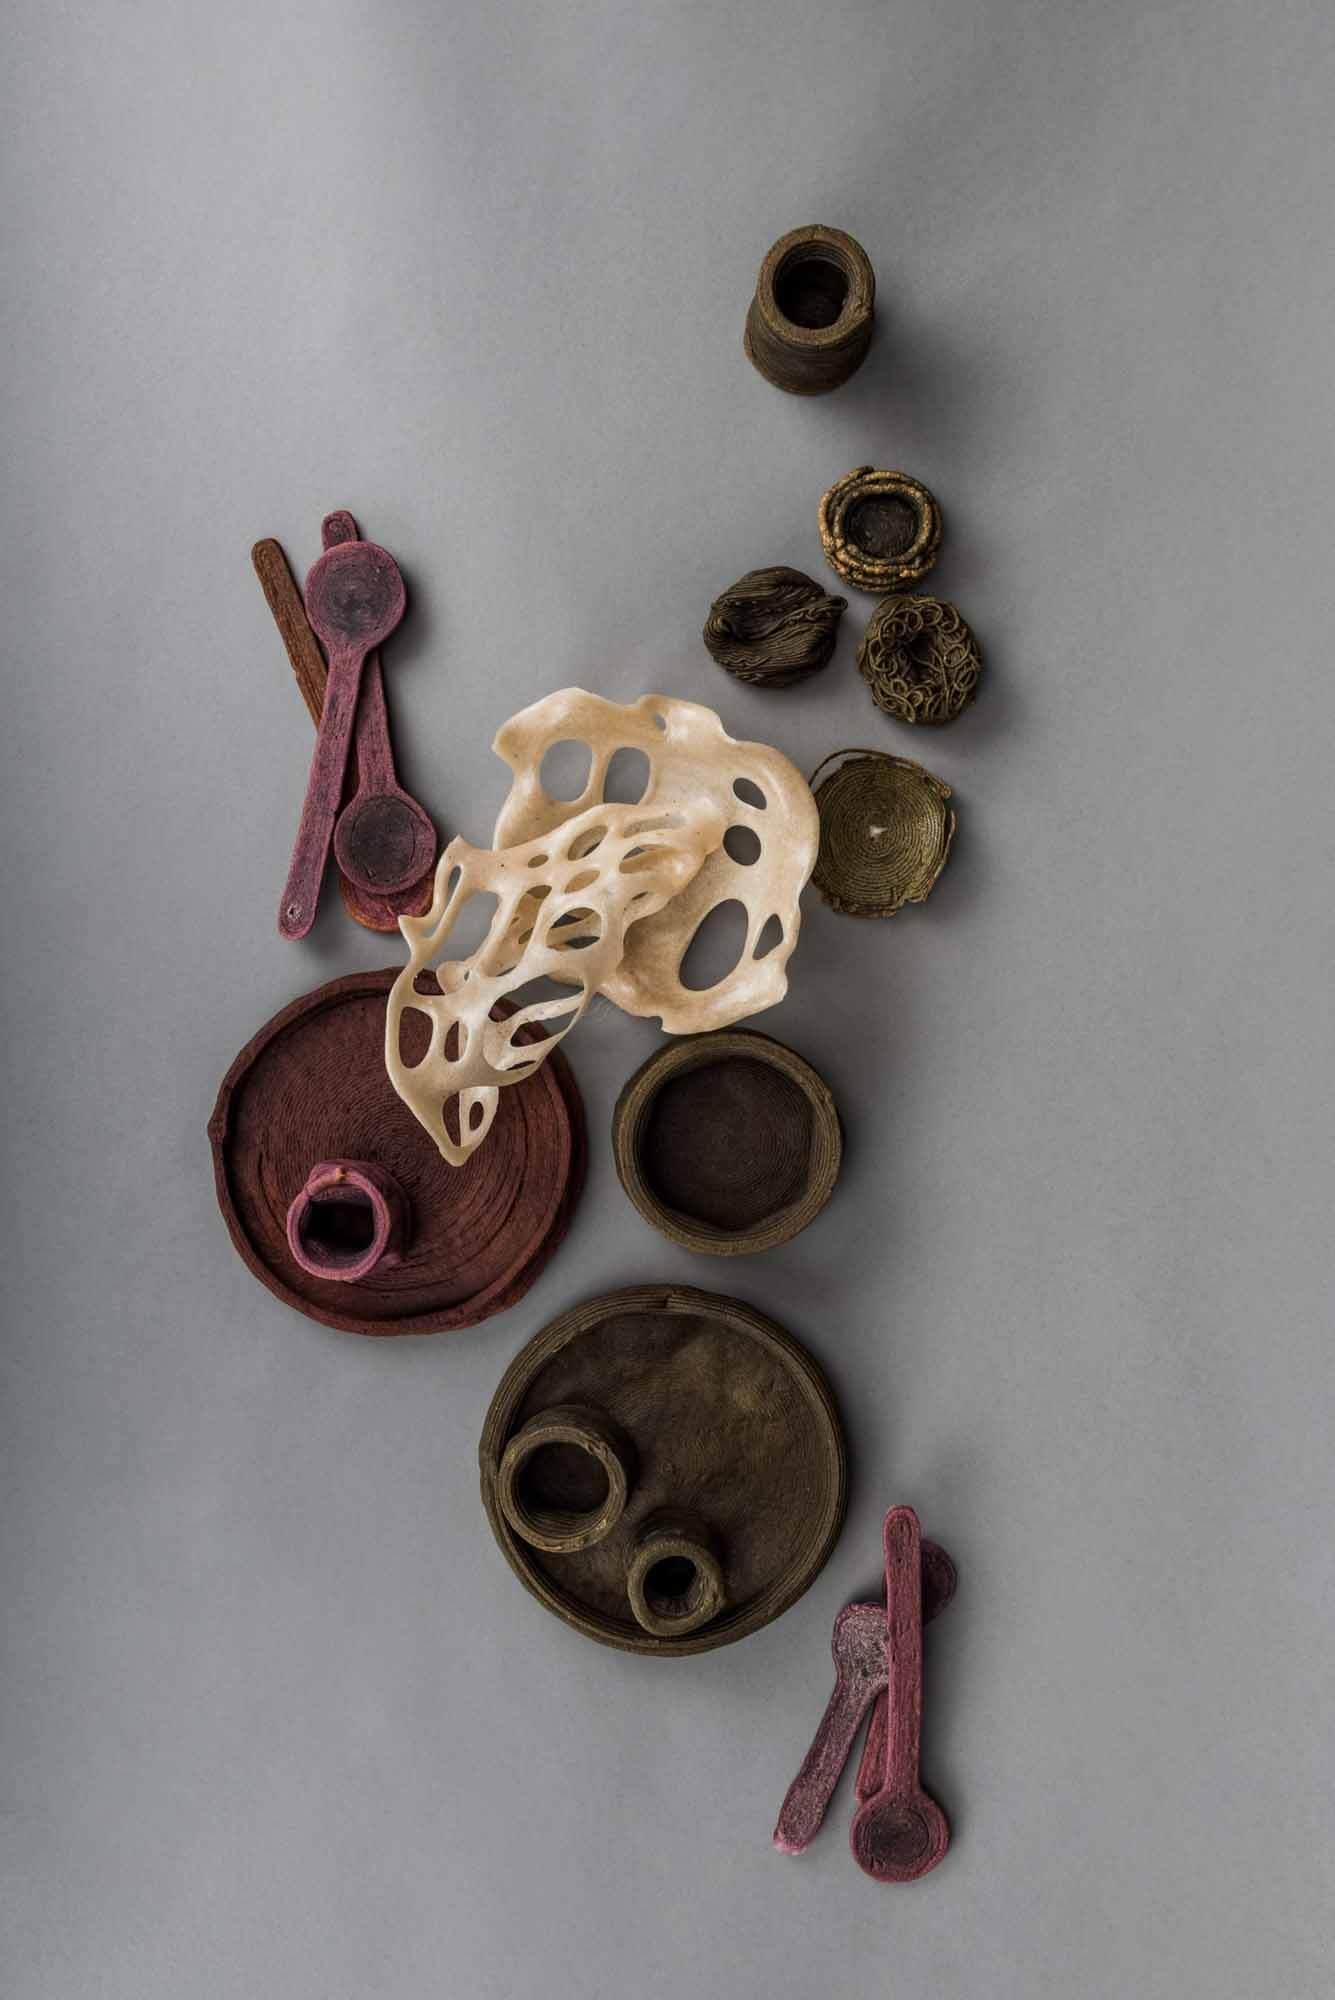 Барбара Голлакнер представляет посуду из пищевых отходов на Венской неделе дизайна